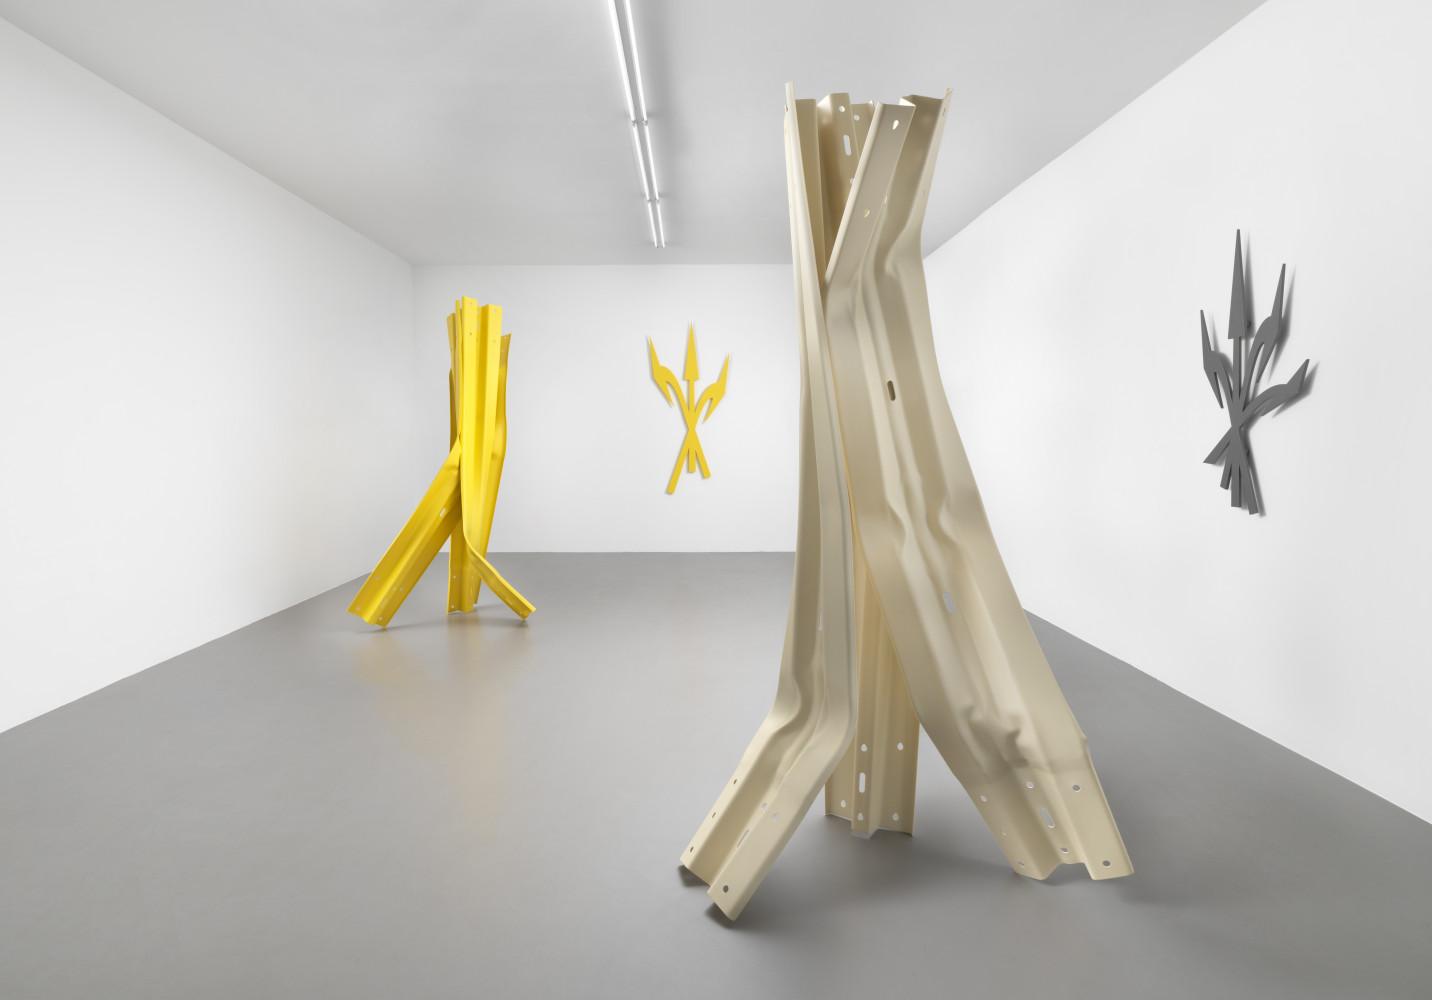 Bettina Pousttchi, 'Vertical Highways', Installation view, Buchmann Box, 2020